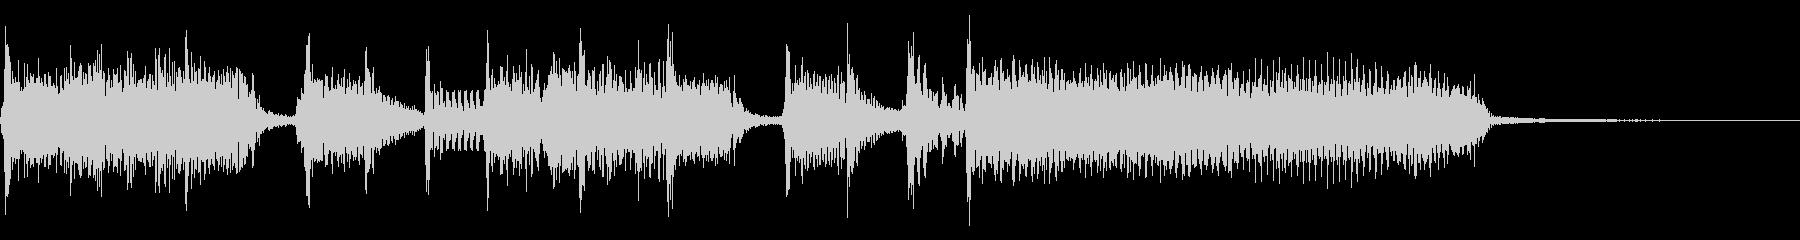 インパクトあるロックなジングル05の未再生の波形